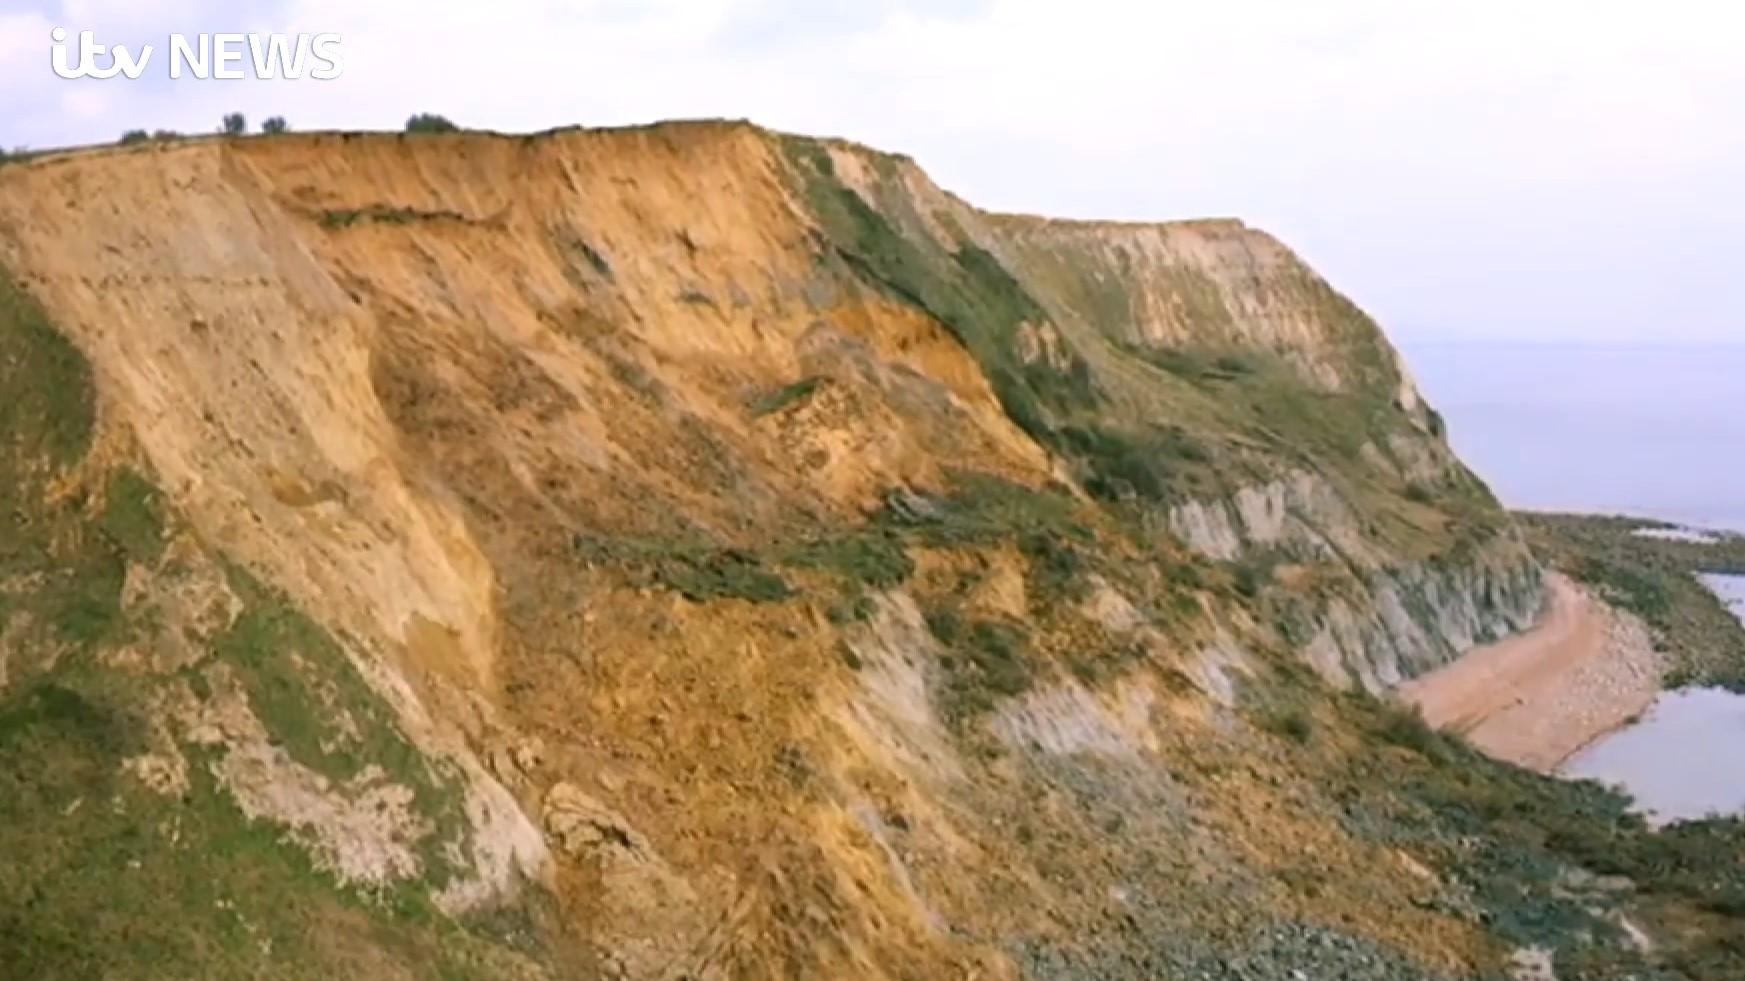 Leomlott egy hatalmas szakasz a világörökség részét képző Jurassic Coast parti szirtjeiből